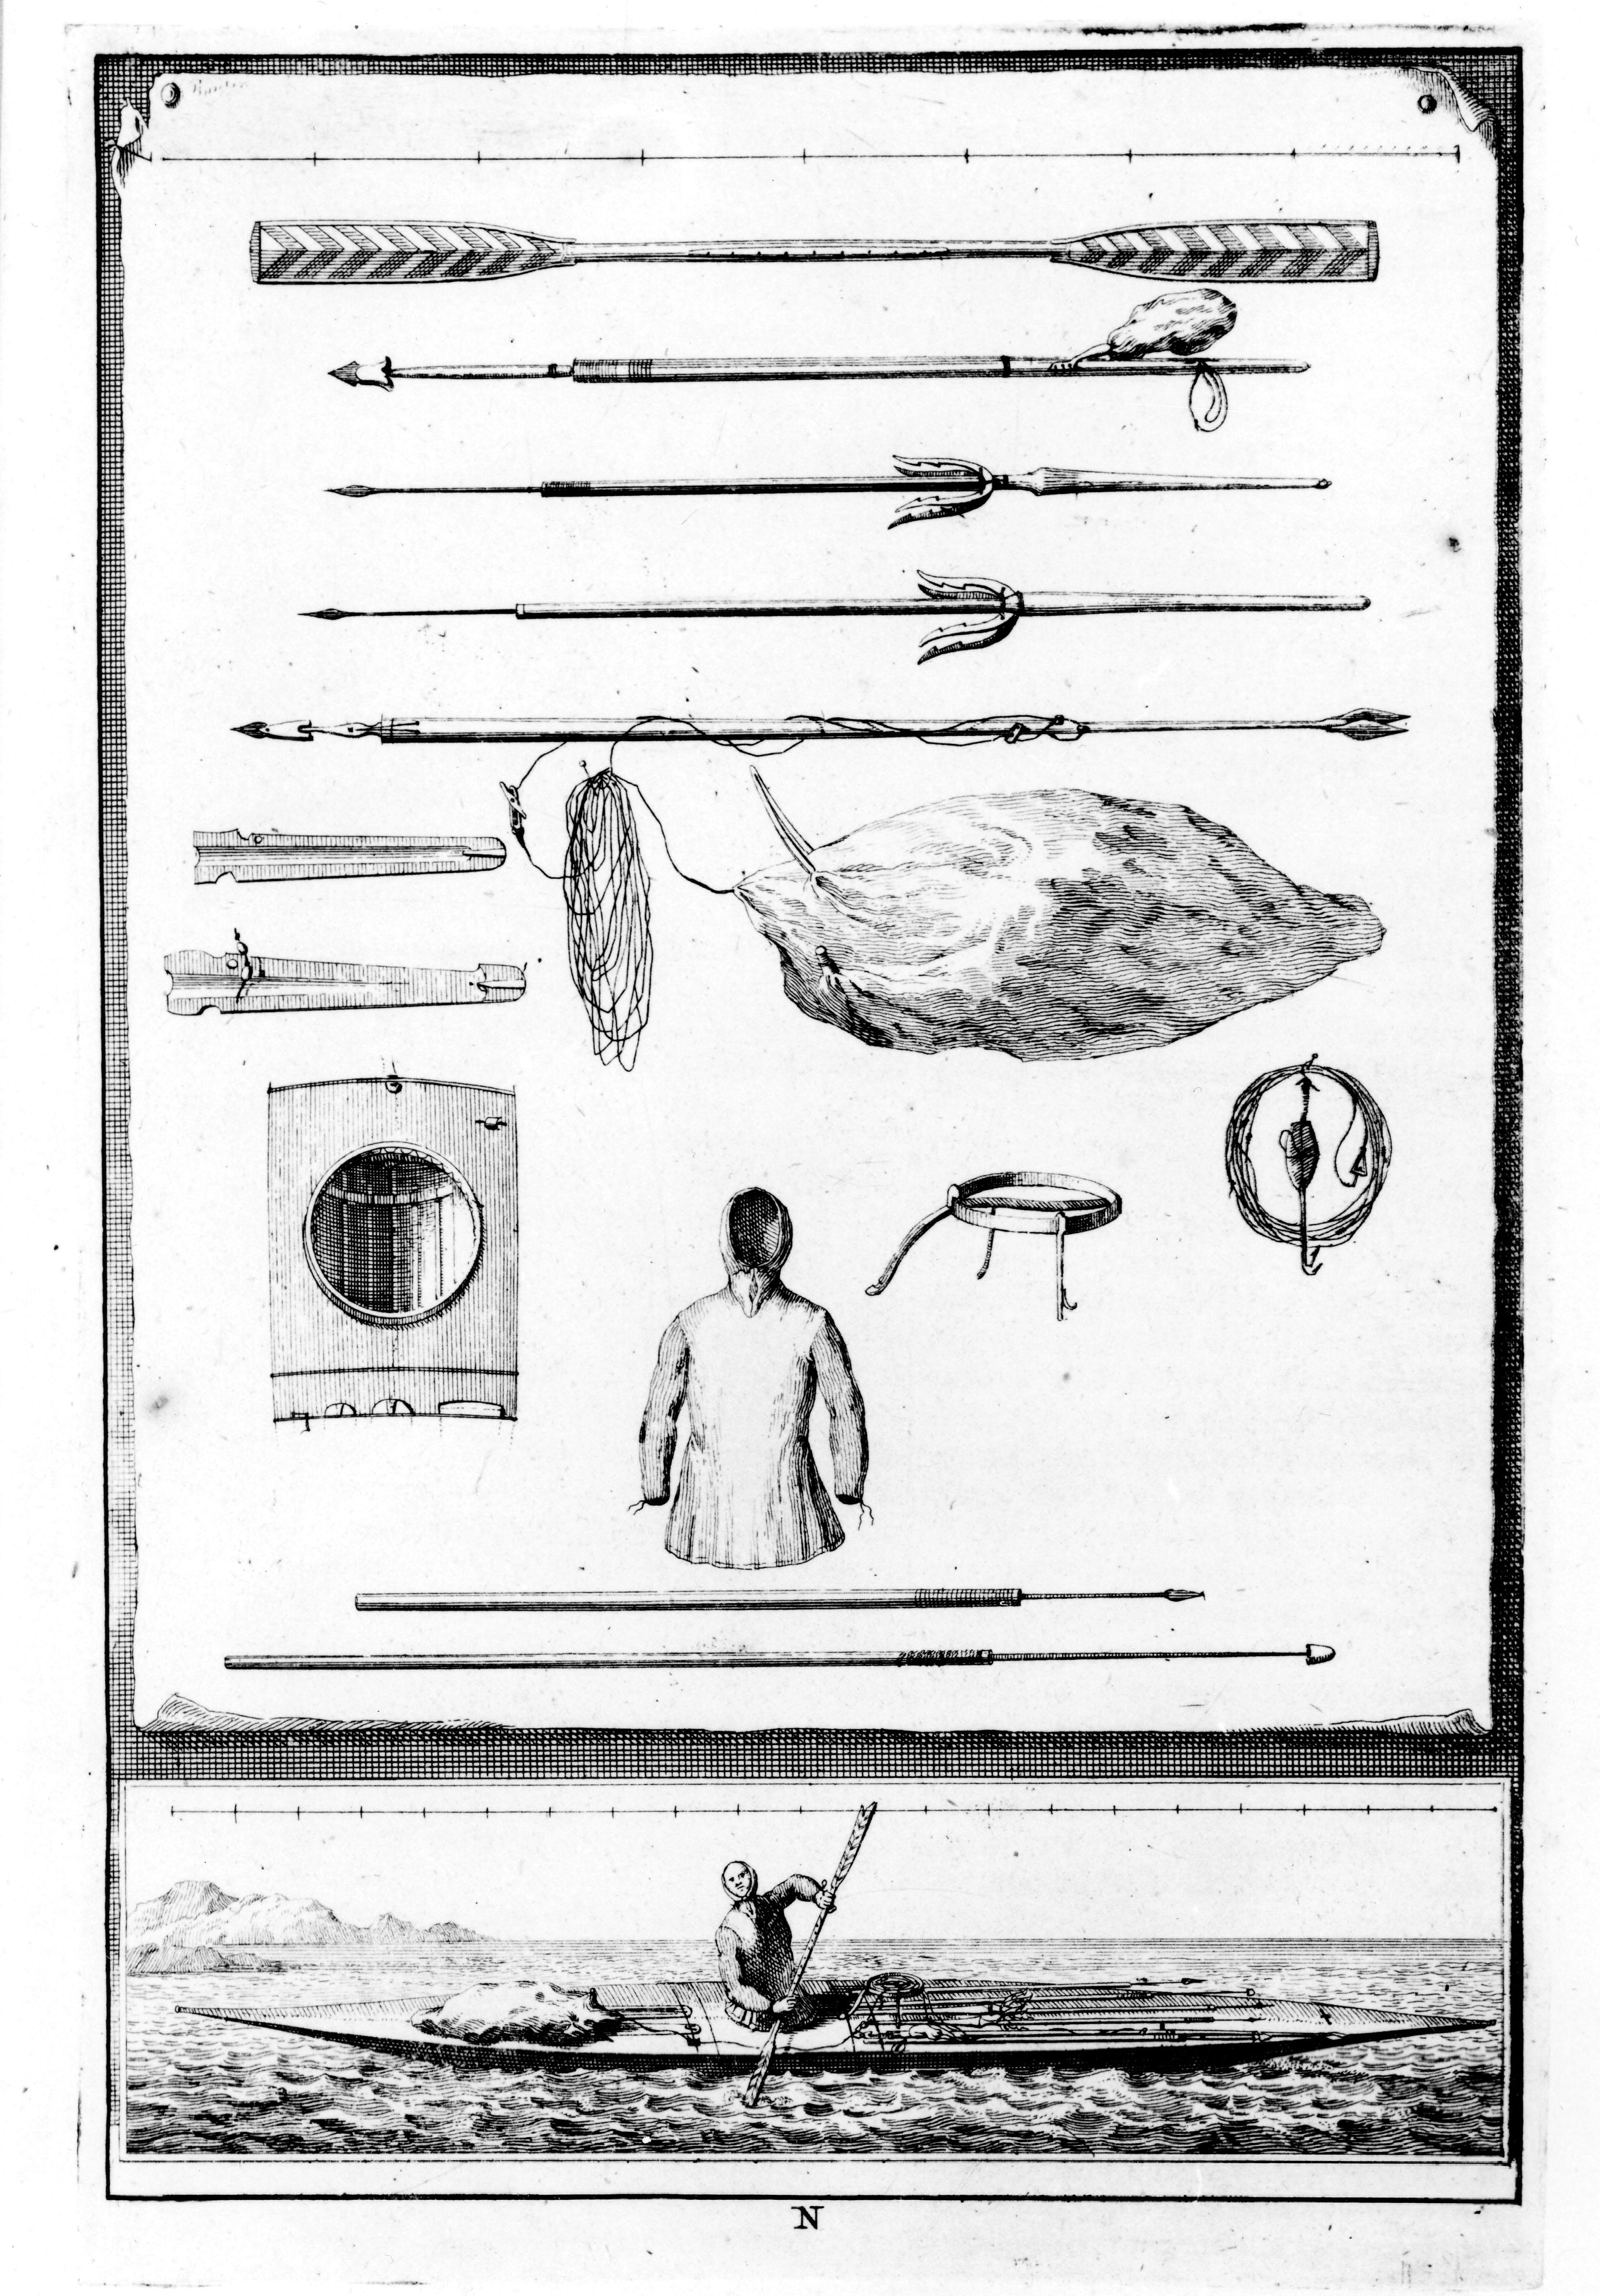 Оснащение человека, управляющего каяком, и охотника